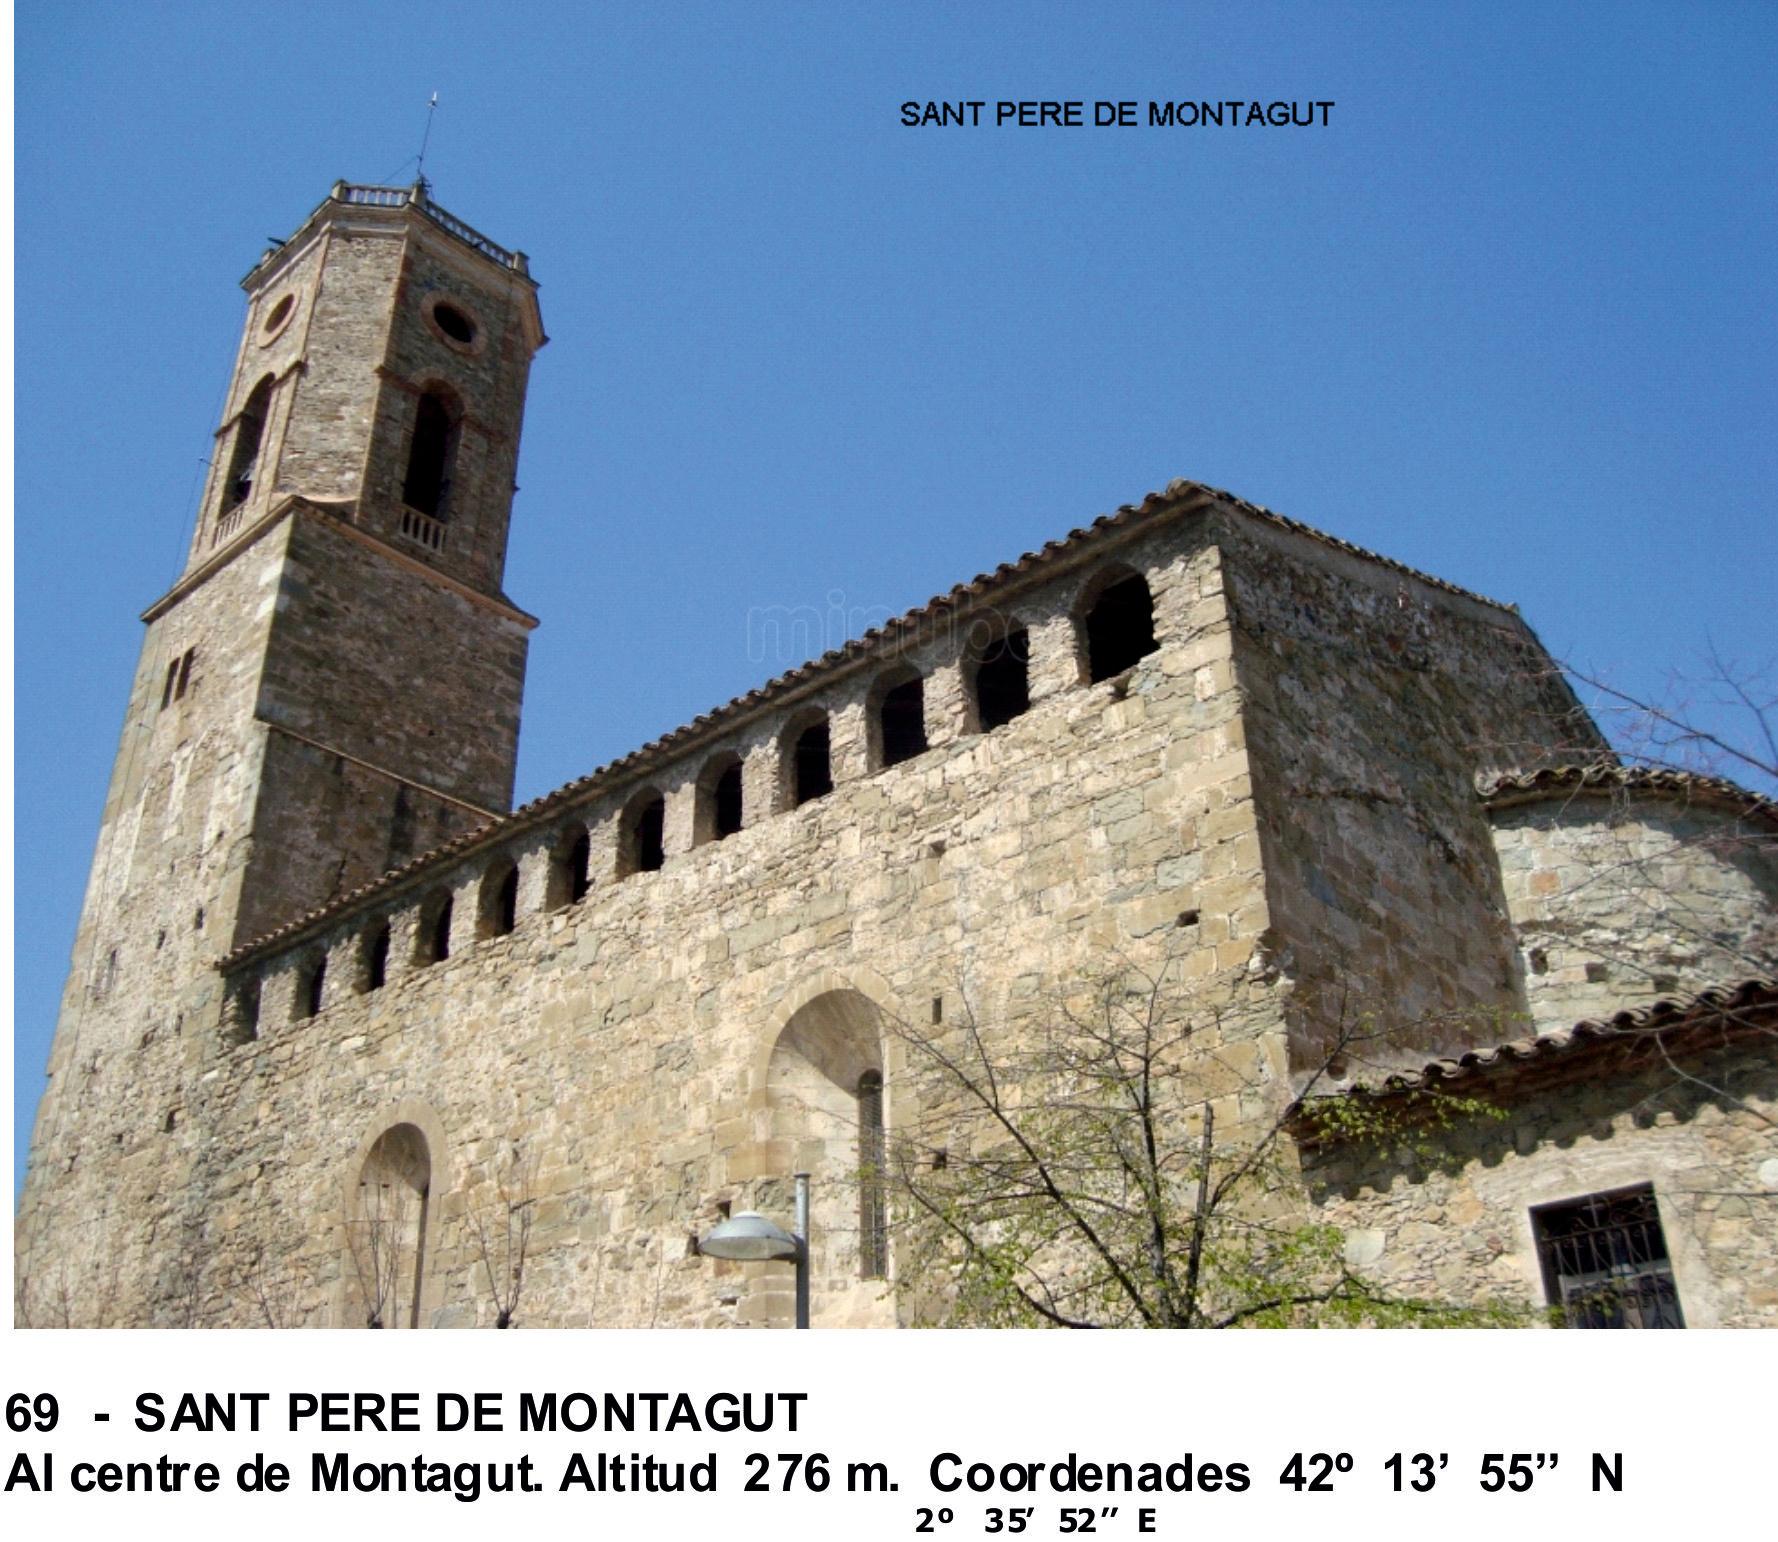 69  -  SANT PERE DE MONTAGUT